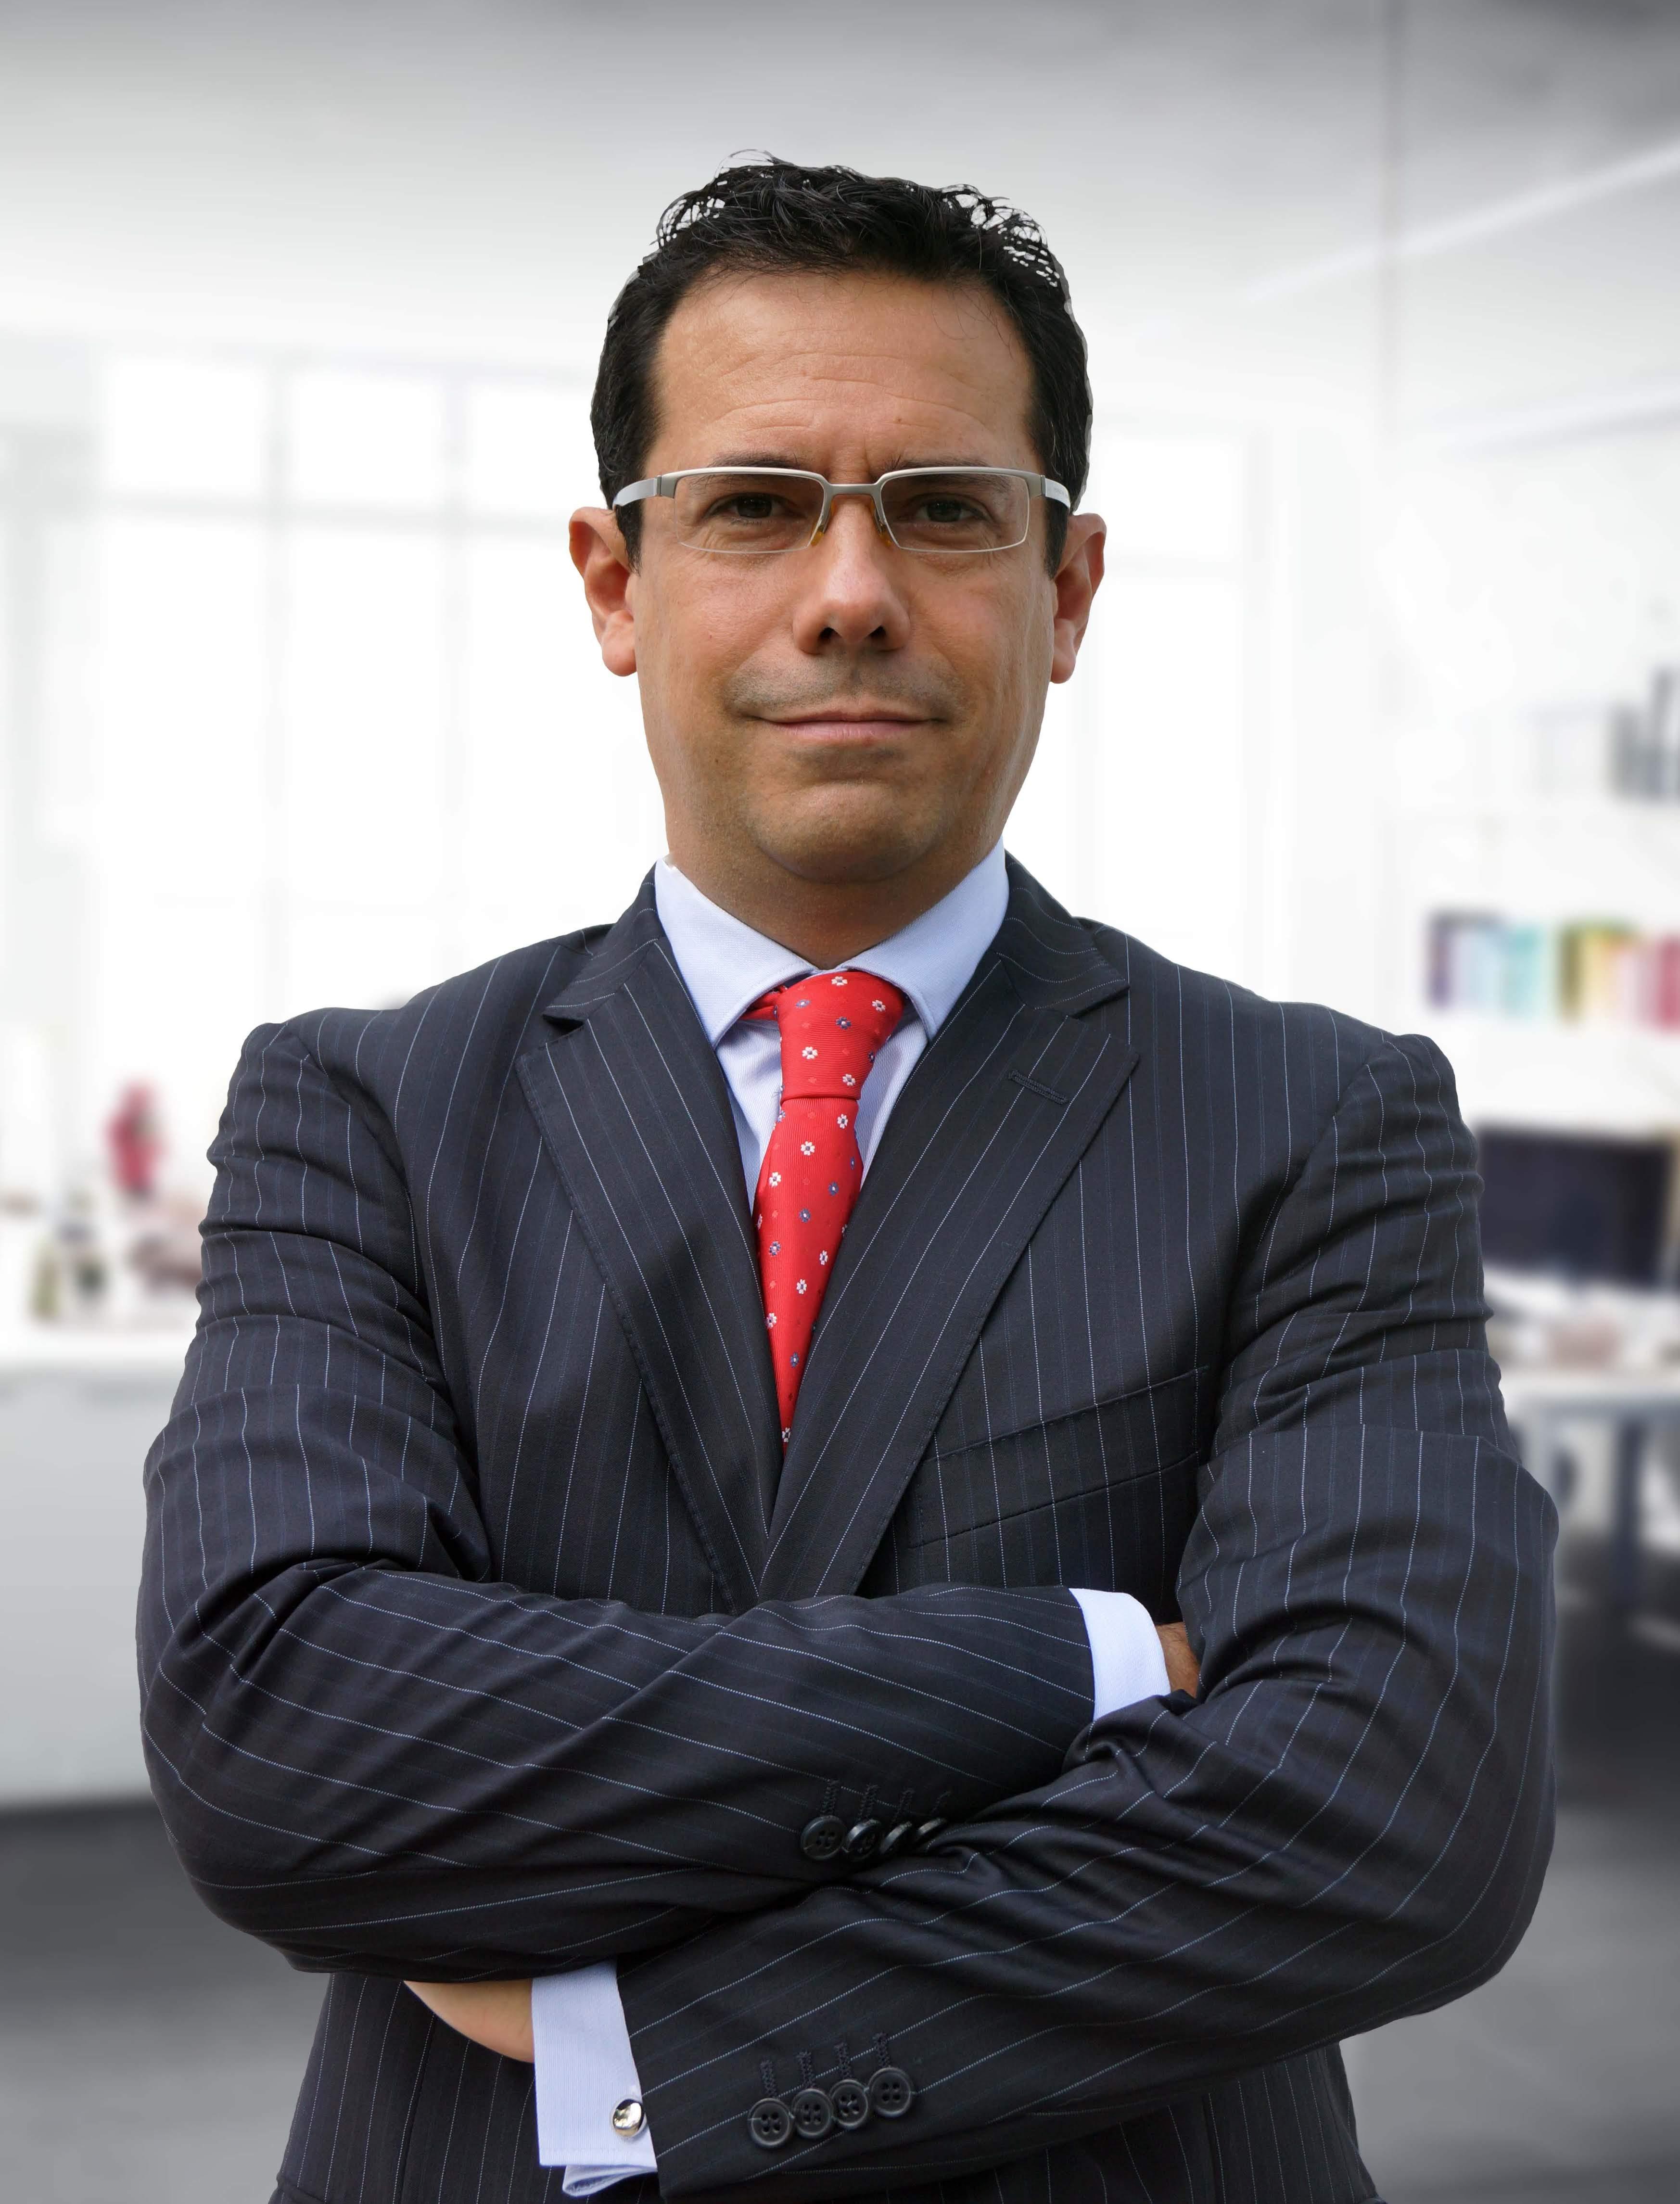 Alejandro Arellano